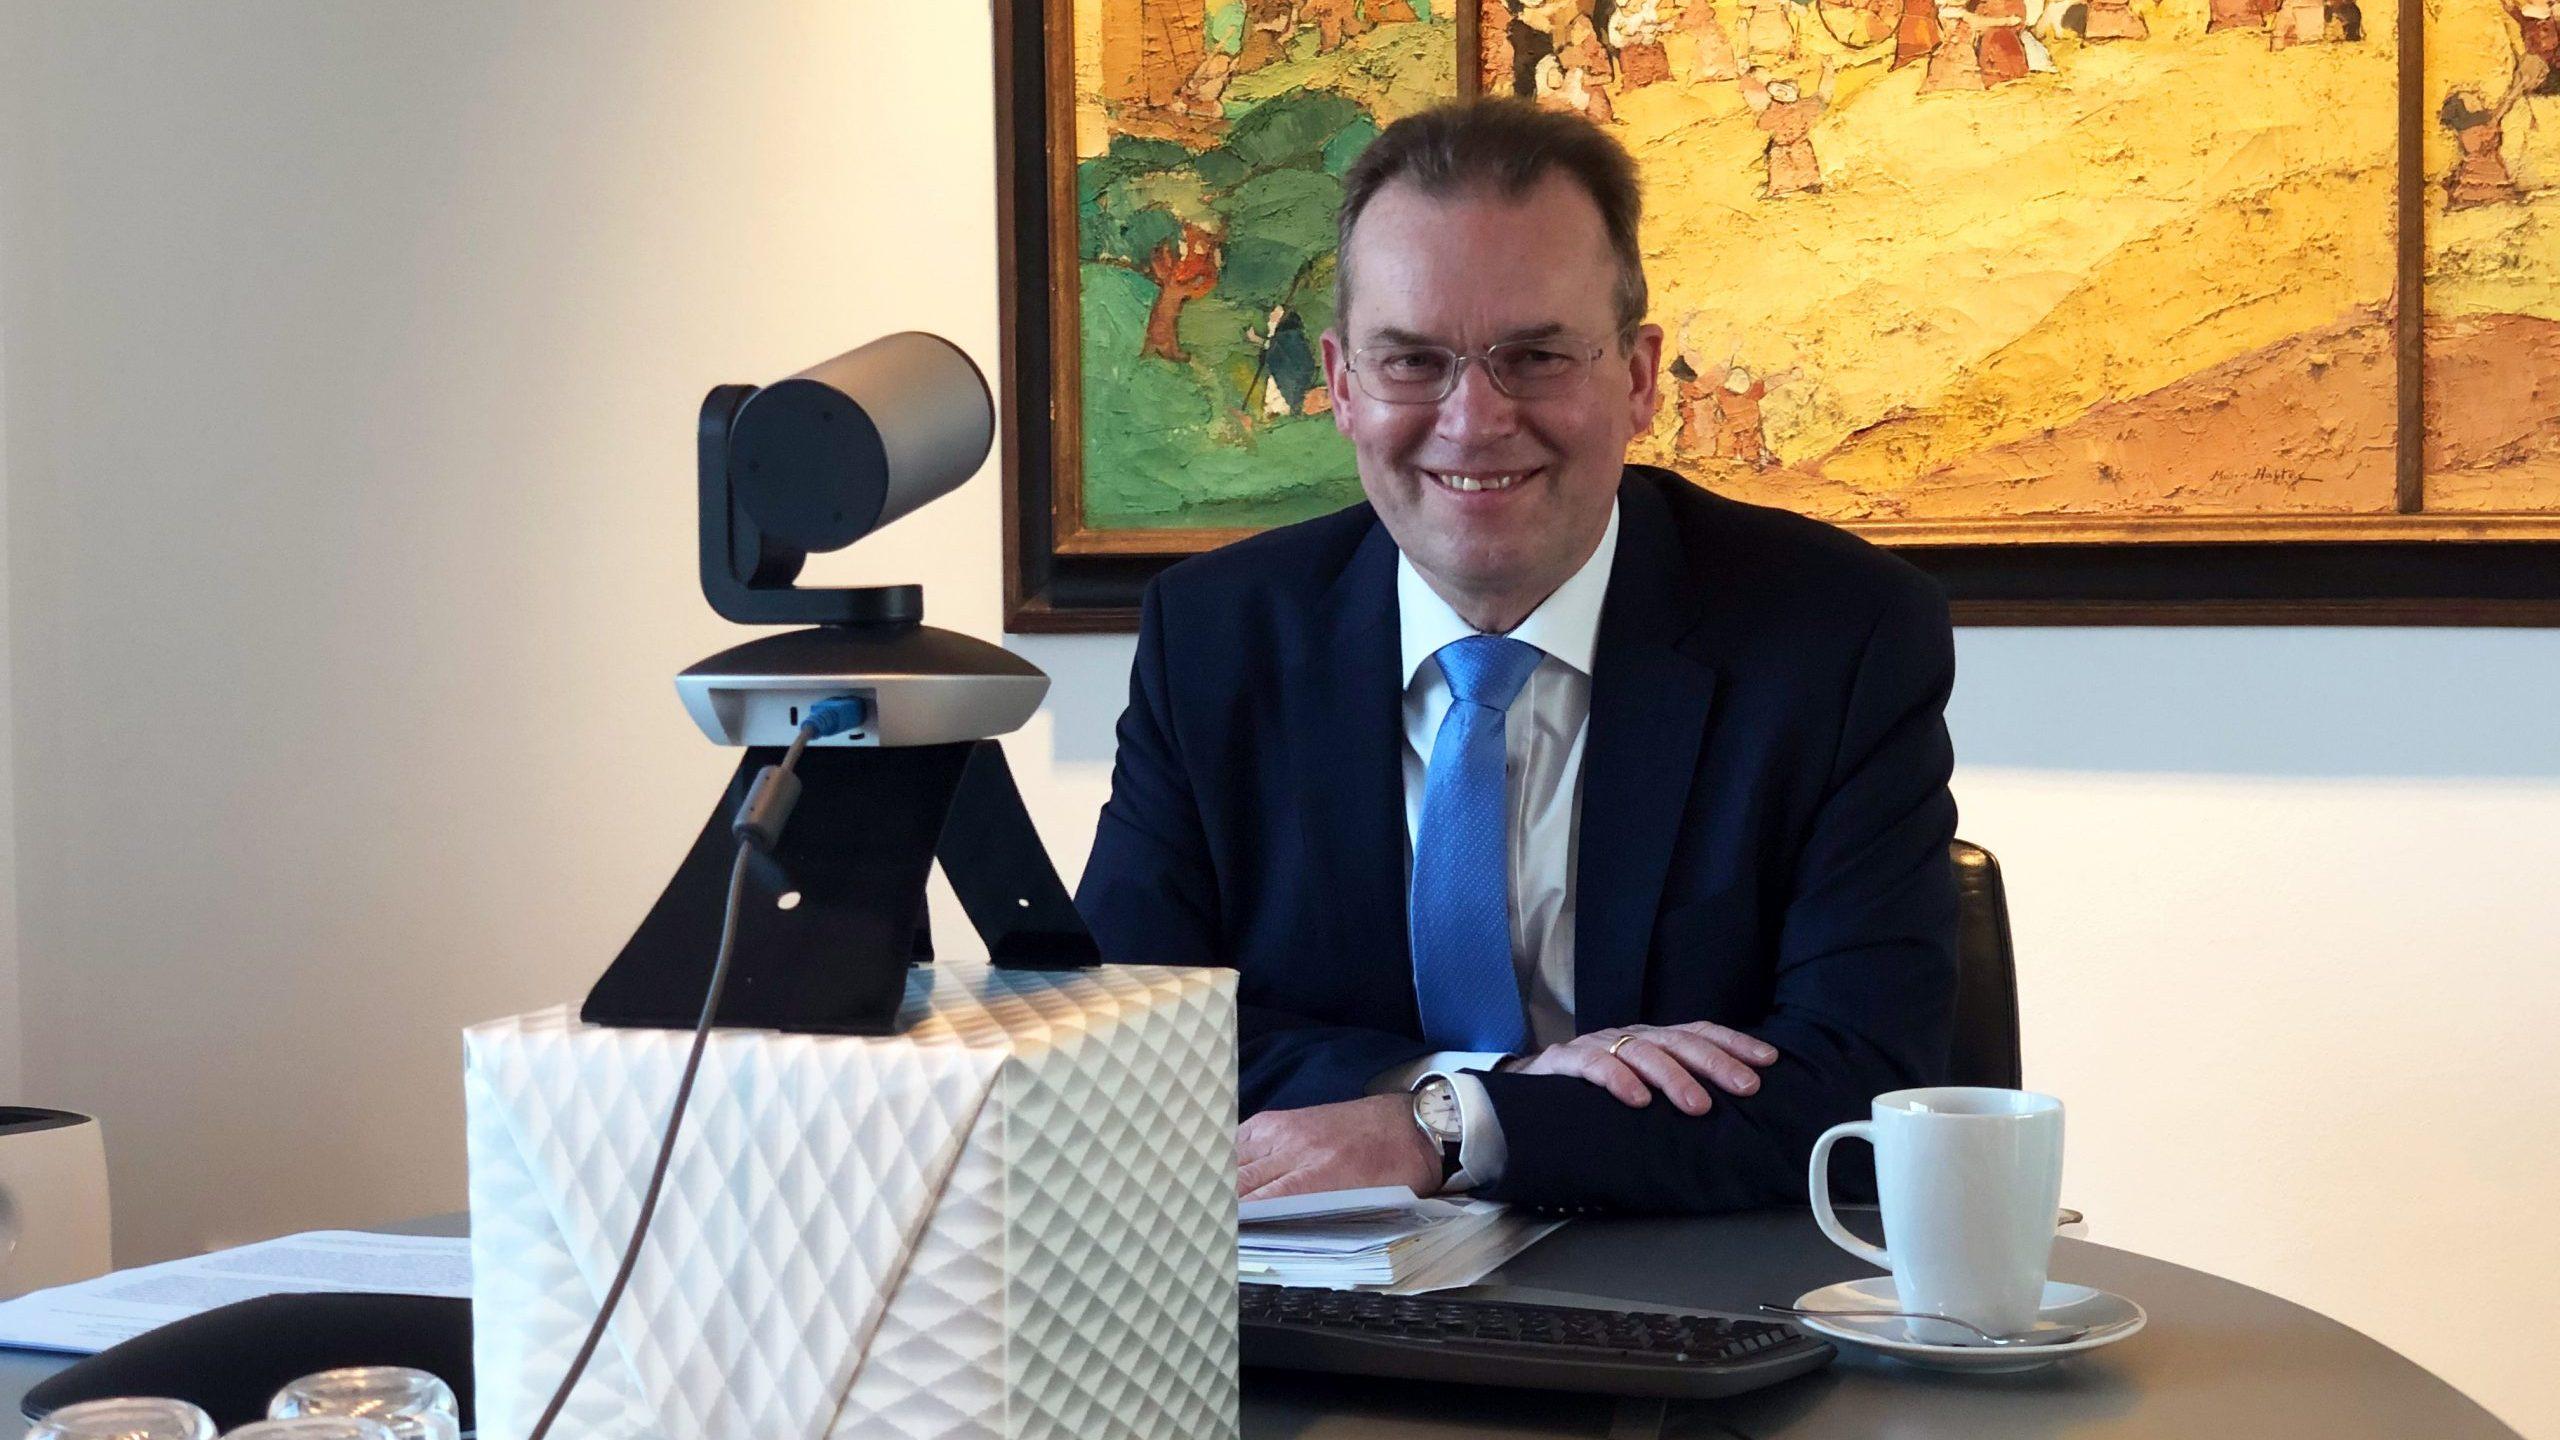 Stadtsuperintendent Bernhard Seiger im Amt bestätigt –Nachrichten von der Verbandsvertretung: Wahlen und Haushaltsberatungen